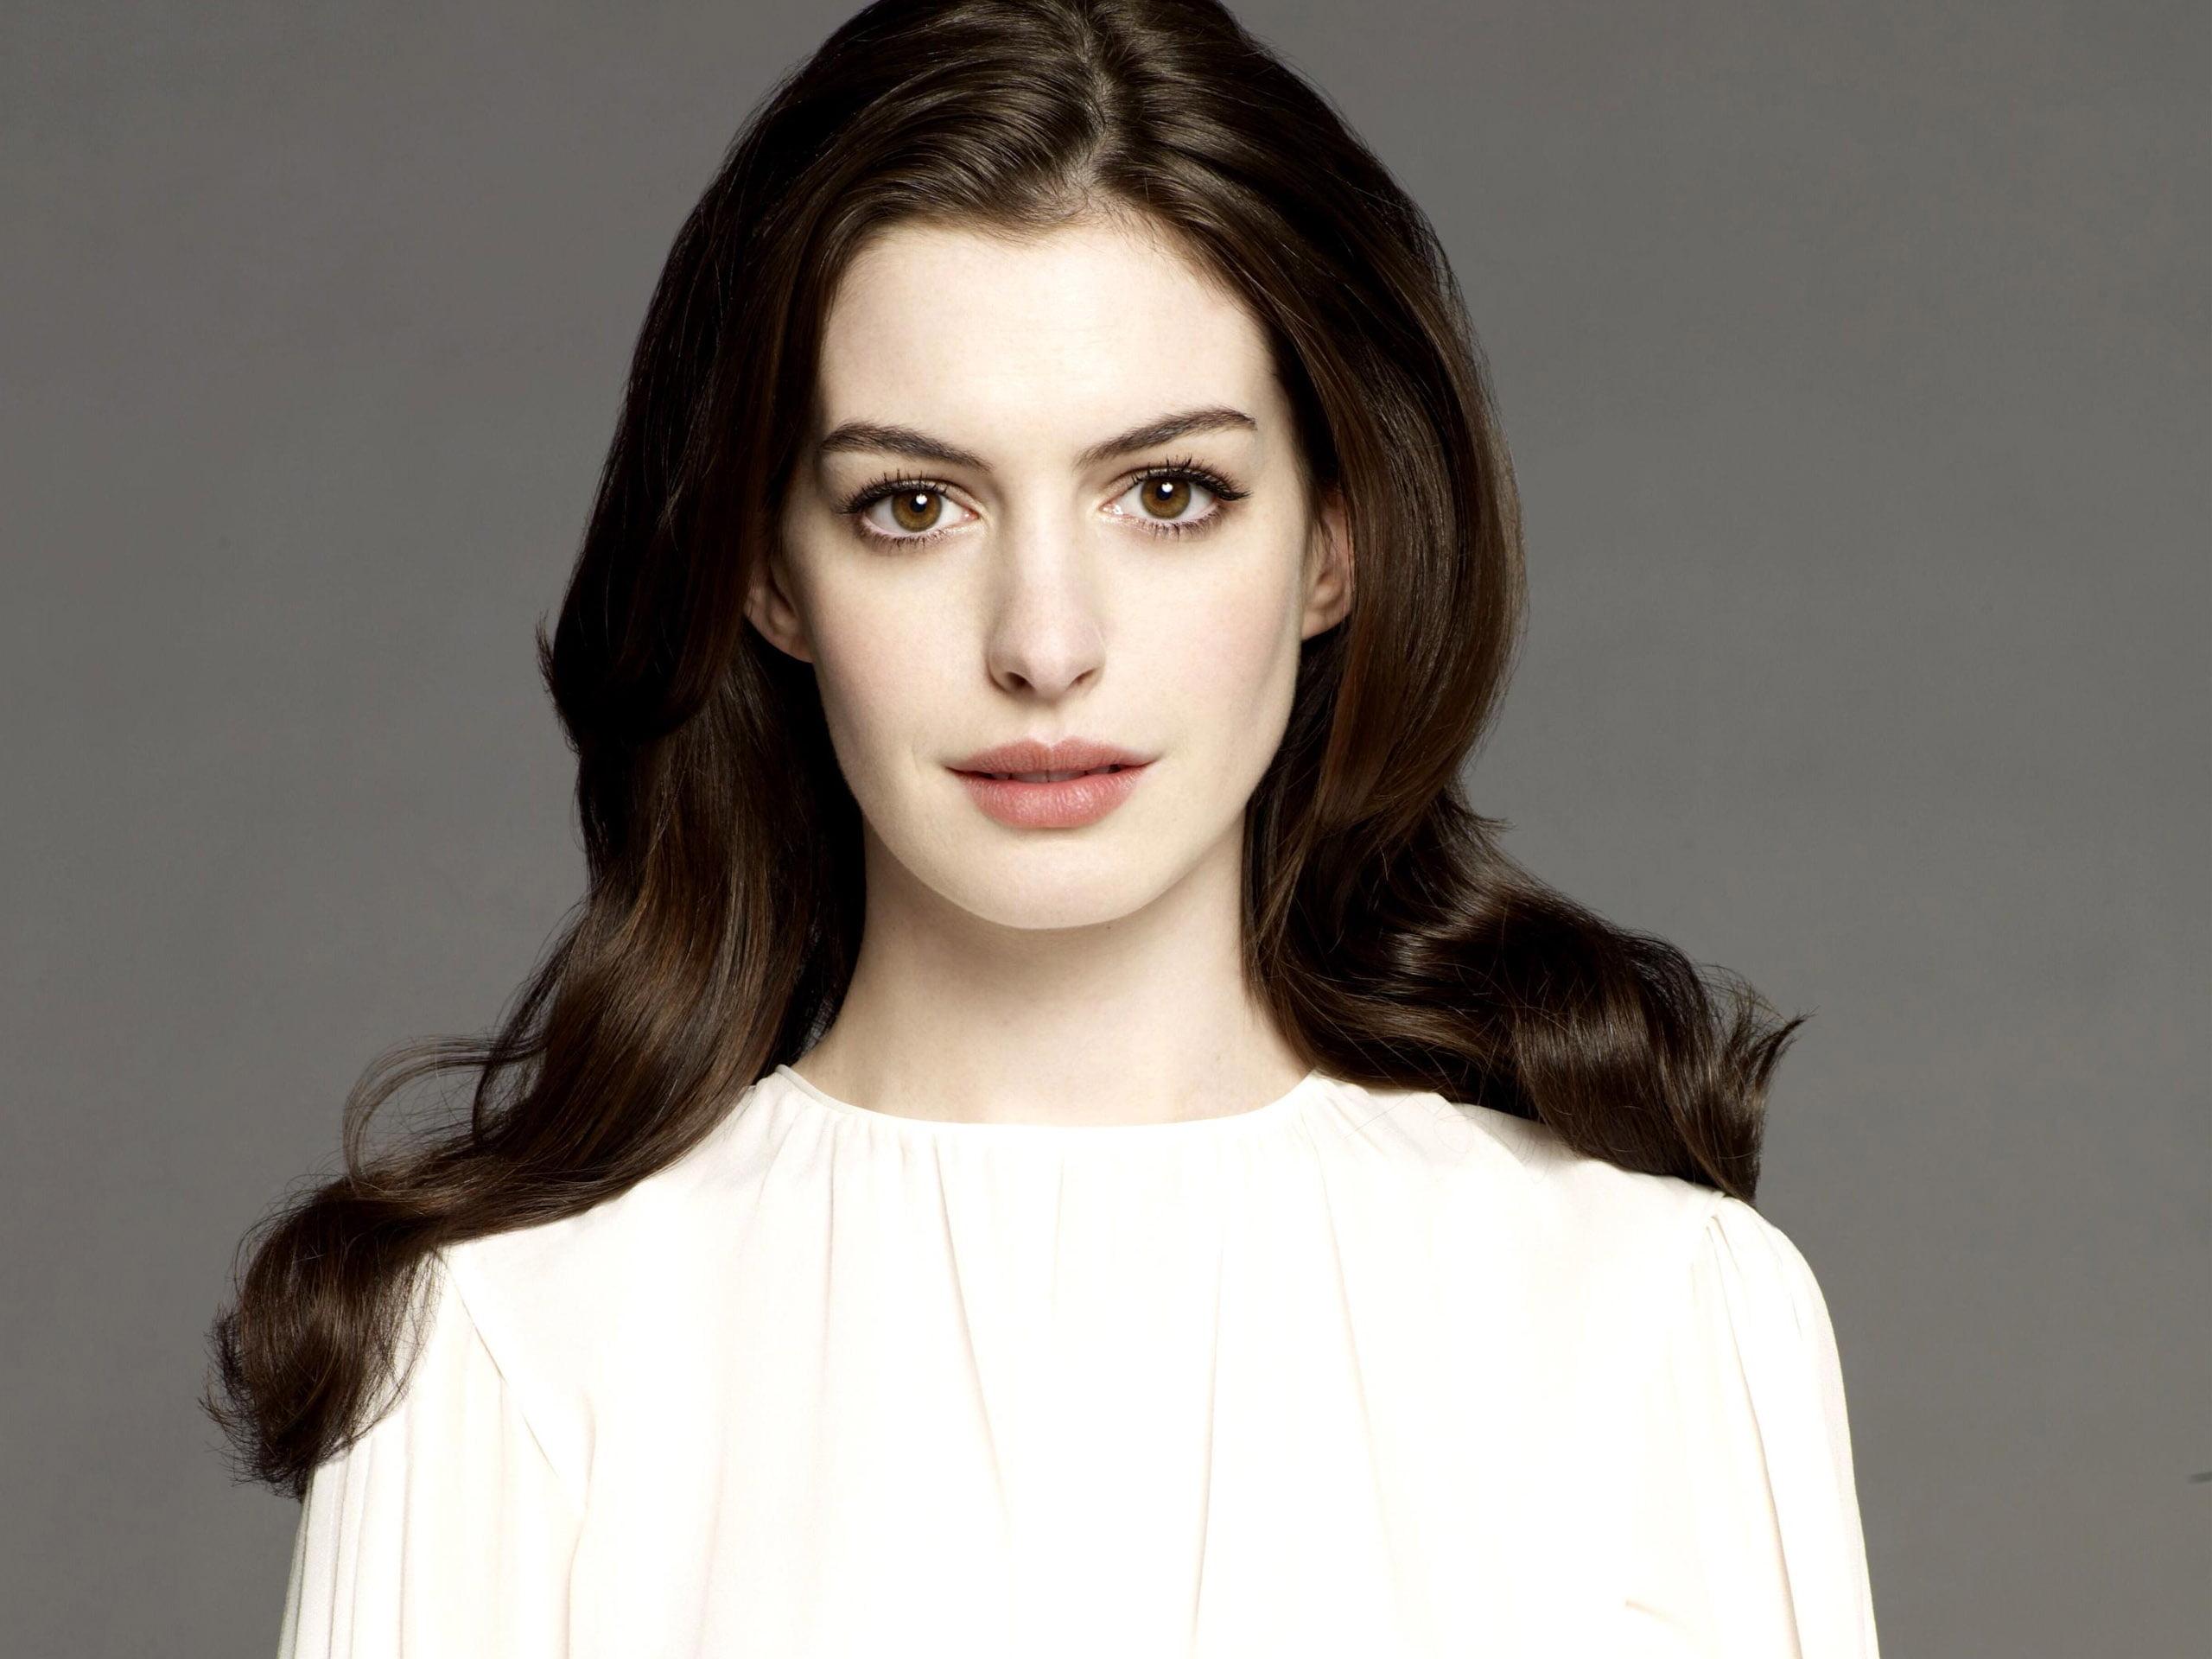 Vazam fotos da atriz Anne Hathaway após ataque hacker